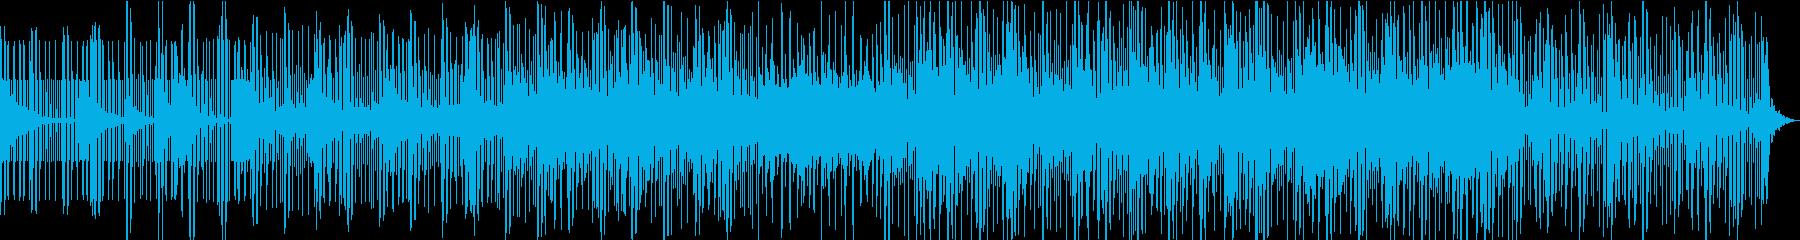 民族楽器を取り入れたヒップホップの再生済みの波形